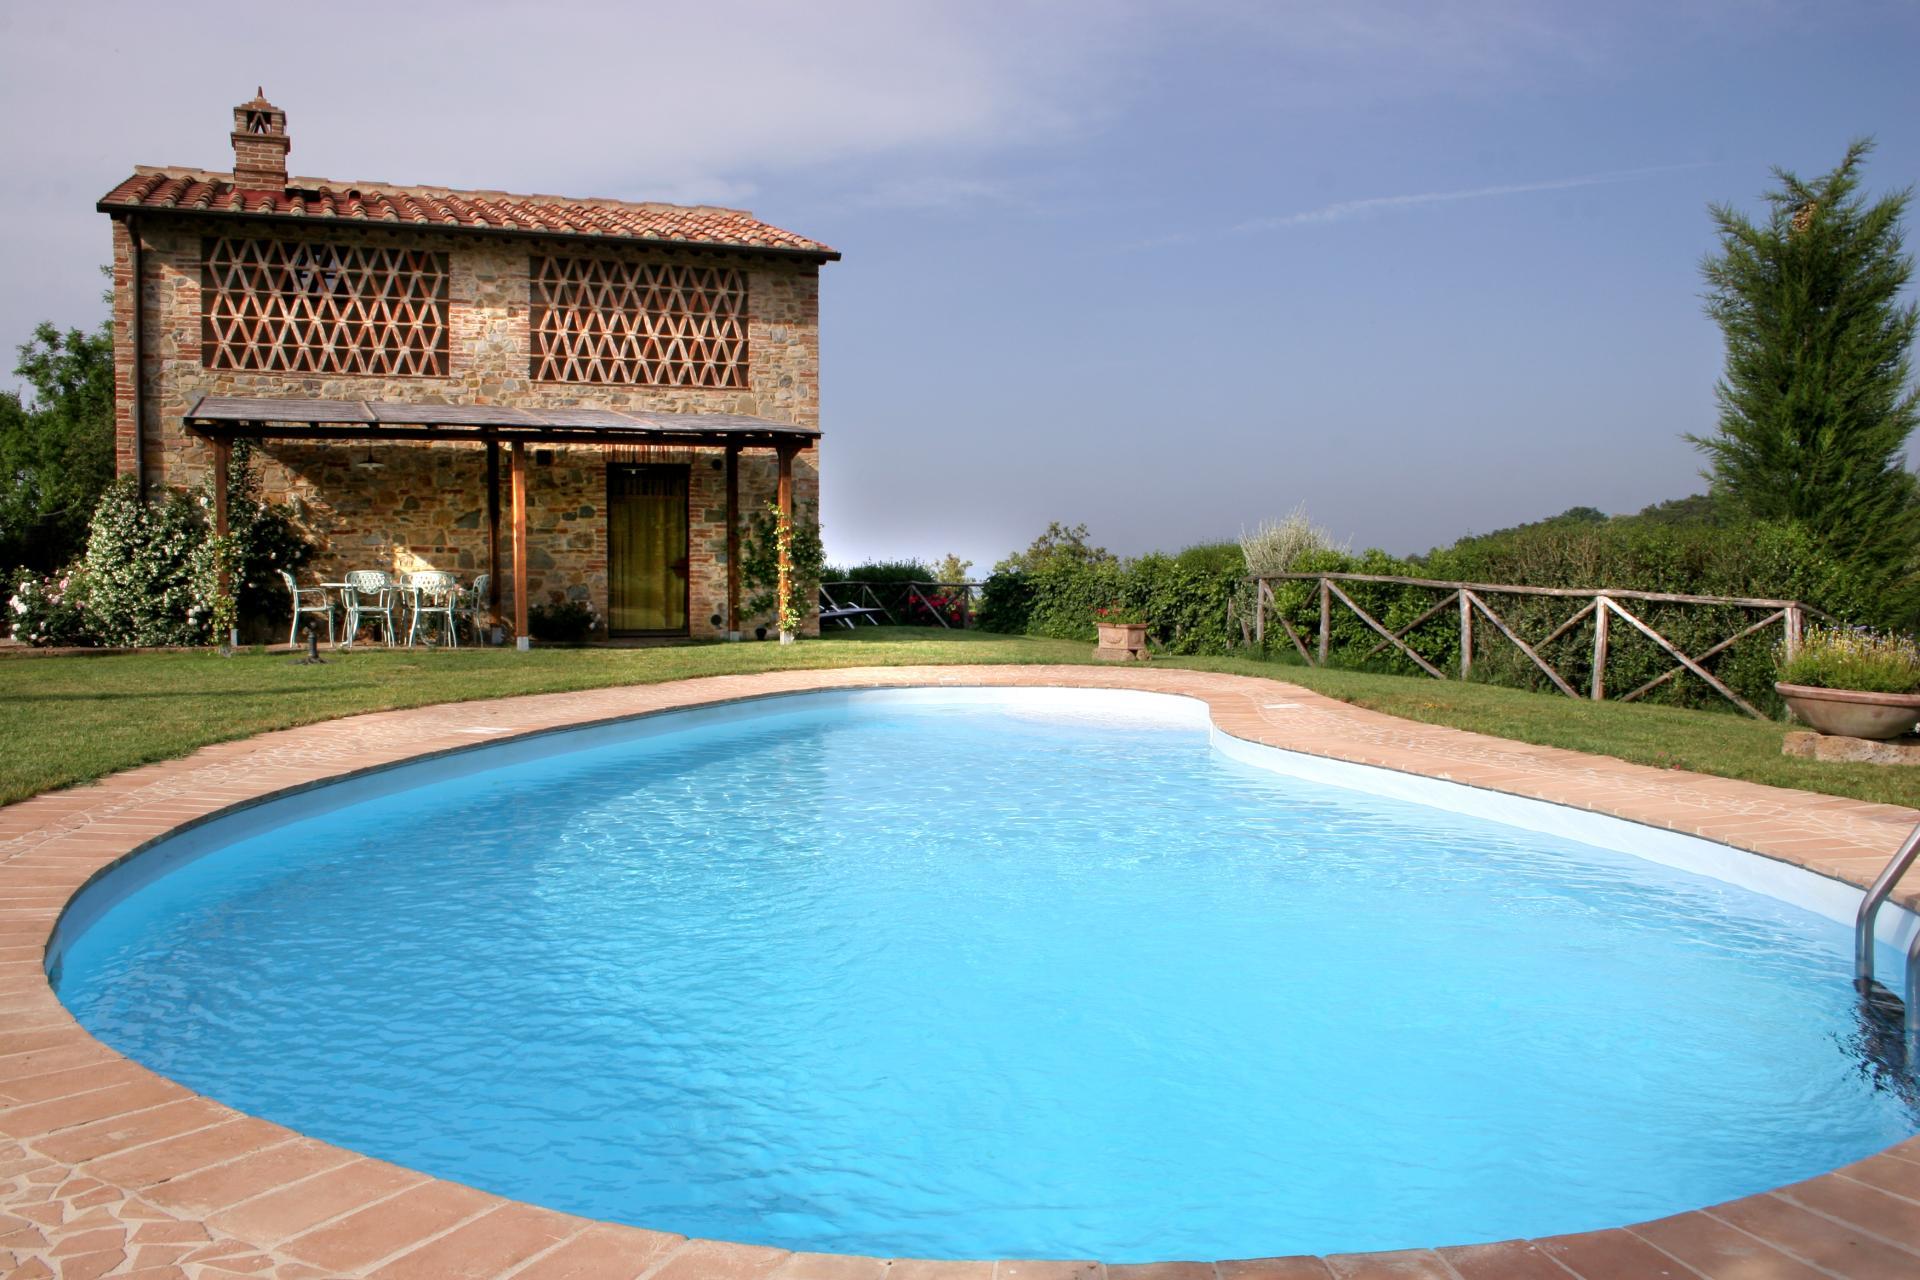 Villa Cabbiallina